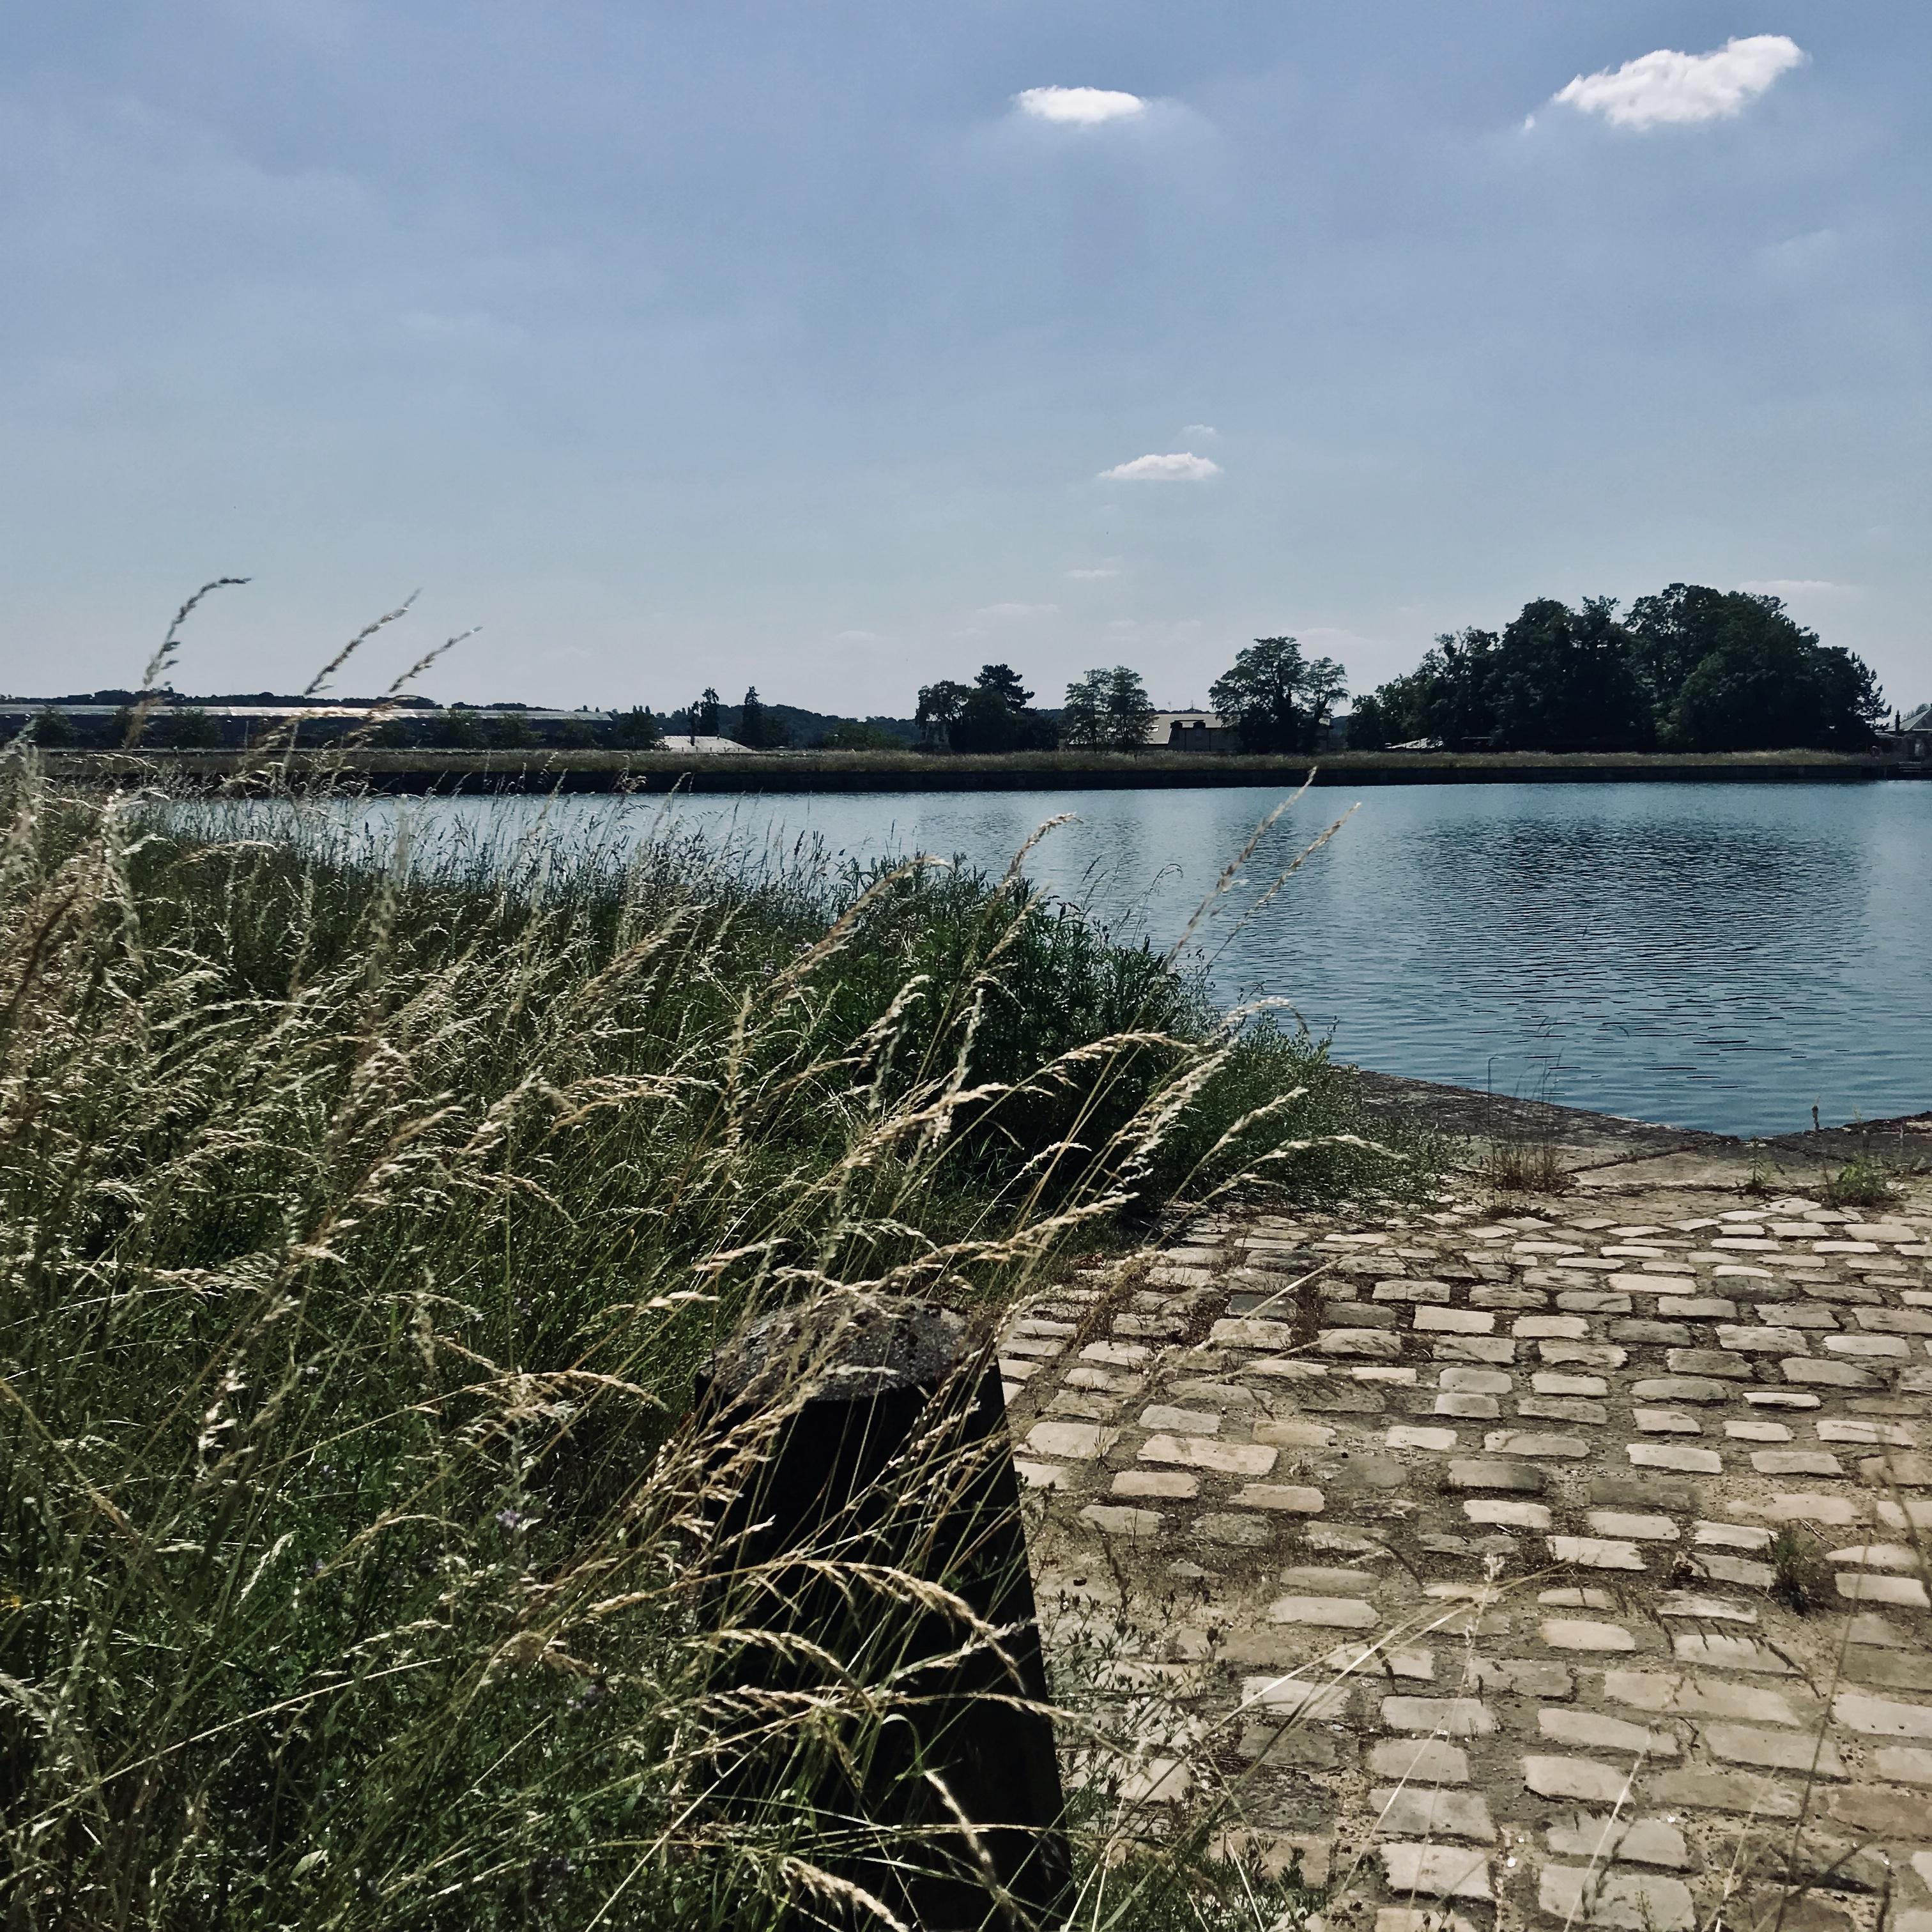 Le réservoir de Montbauron à Versailles / © Vianney Delourme pour Enlarge your Paris